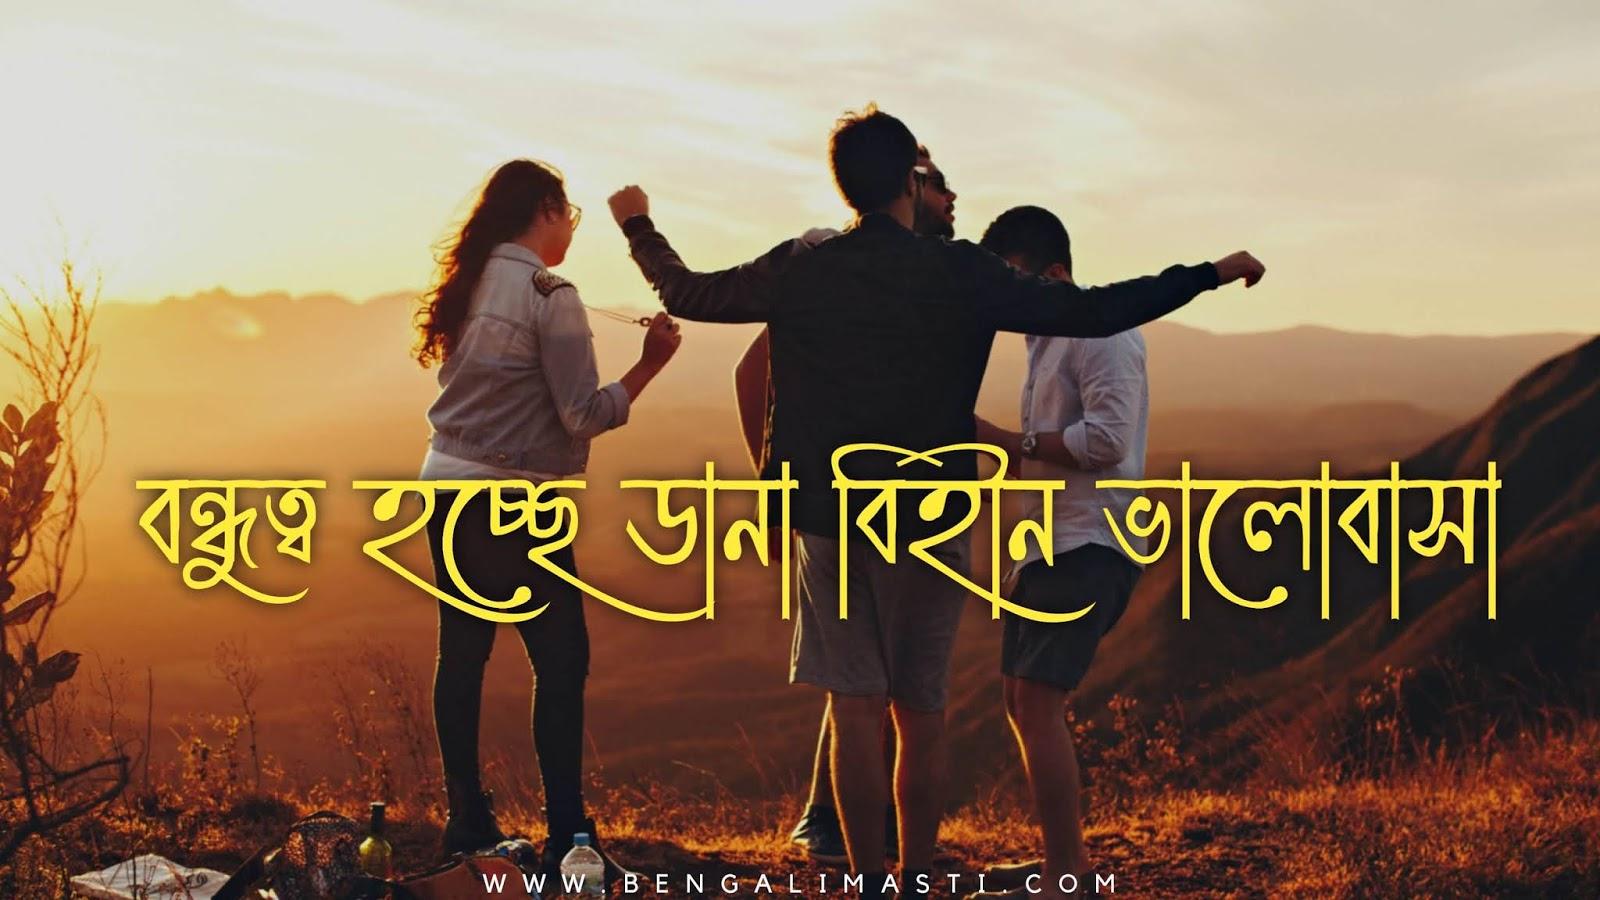 bengali friendship shayari download